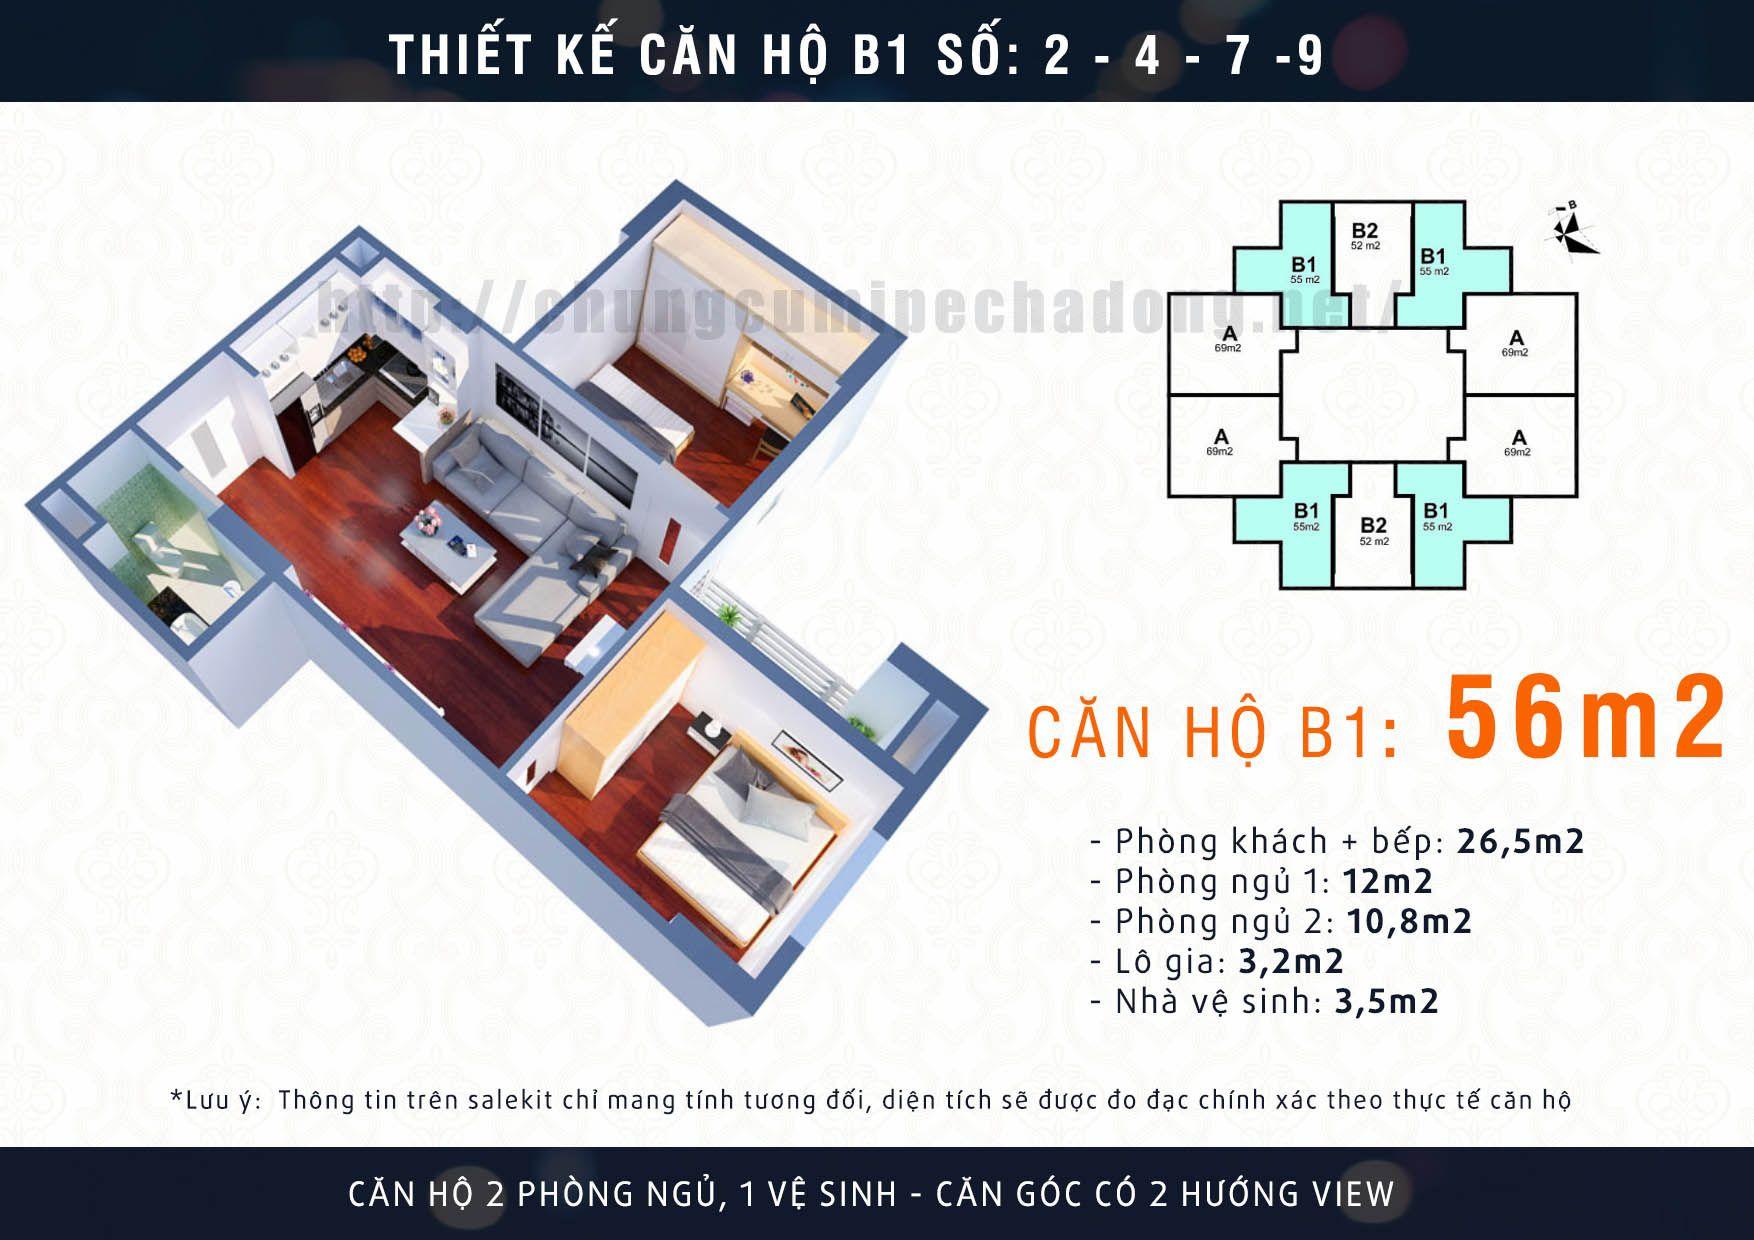 Thiết kế căn hộ 56m2 dự án Mipec Kiến Hưng | Thiết kế căn hộ ...